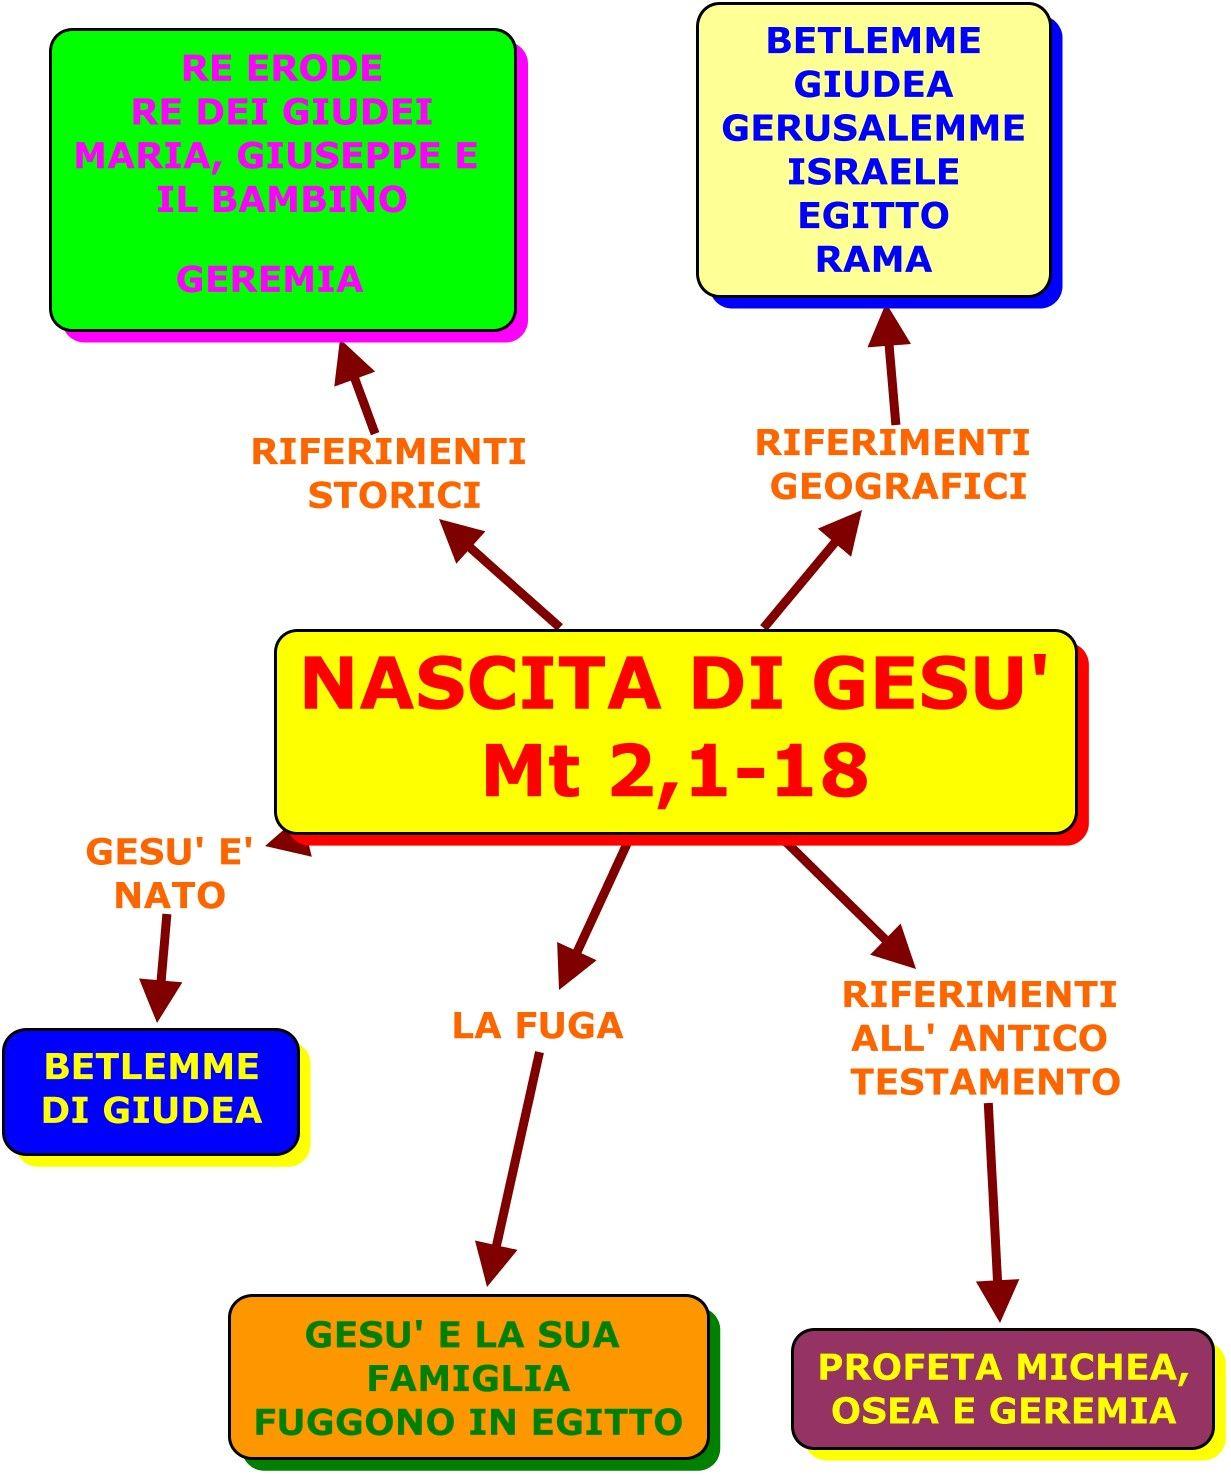 Mappe concettuali | Mappe, Mappe concettuali, Gesù